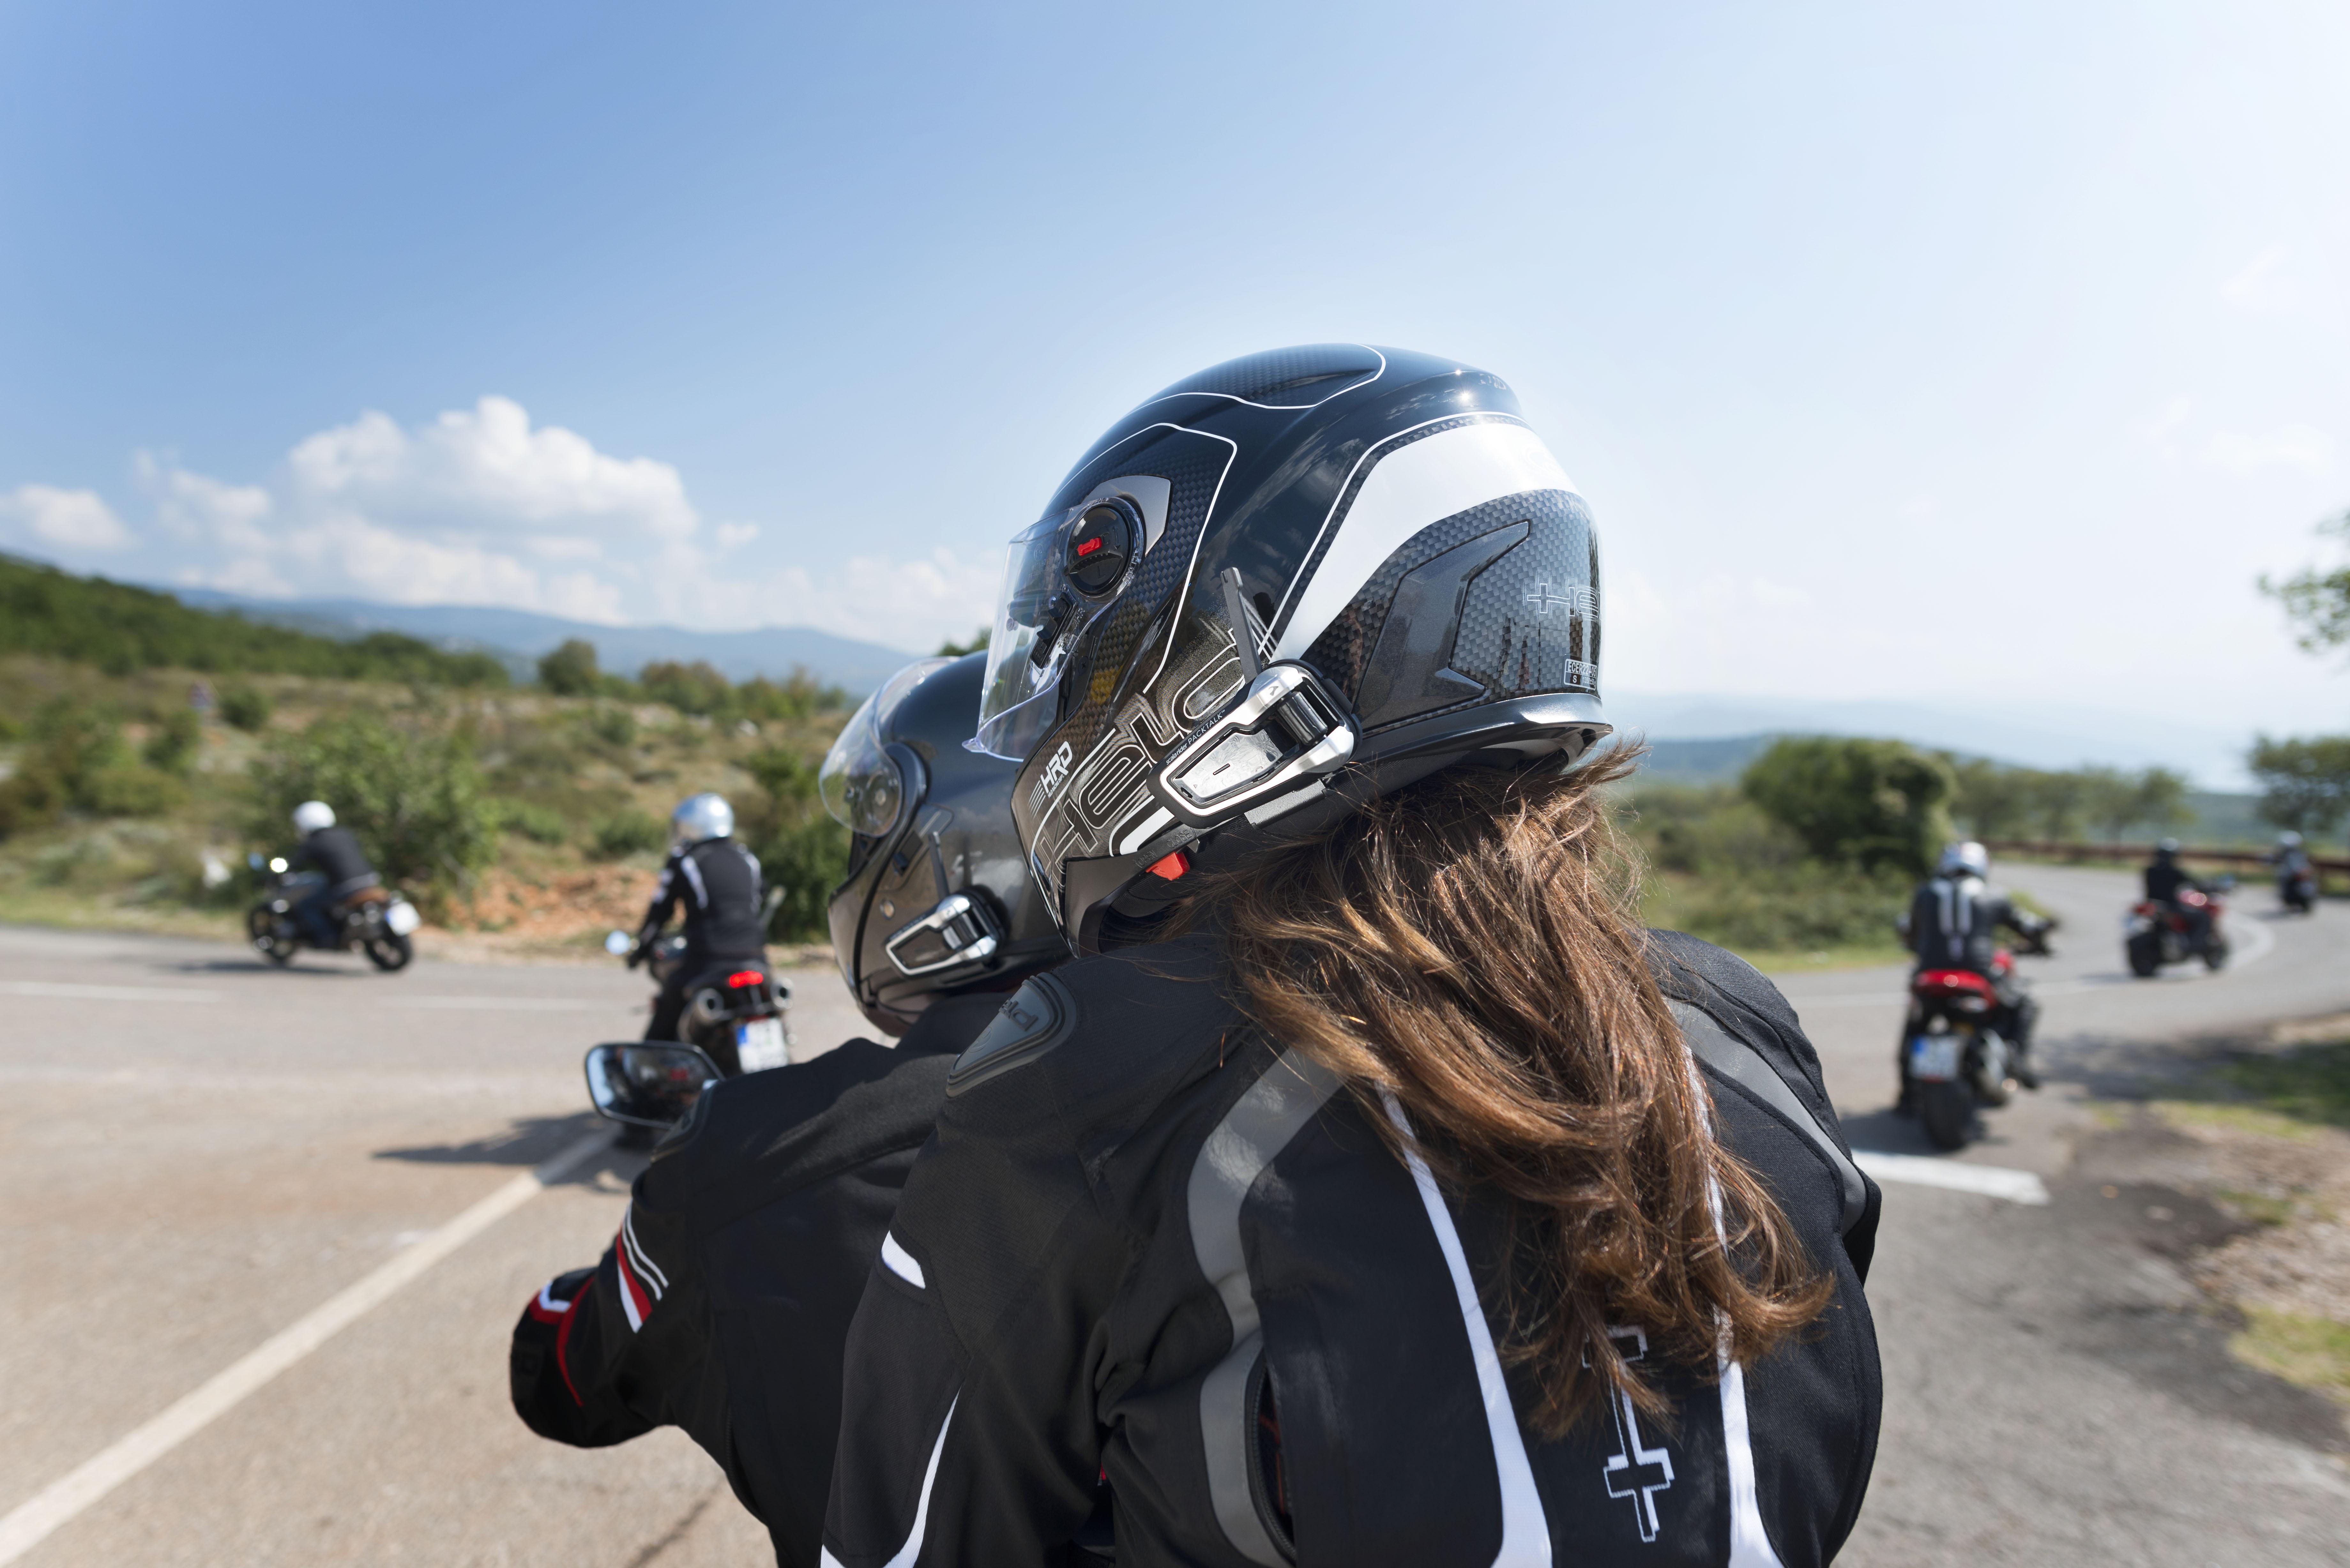 ¿Es legal utilizar intercomunicadores para moto?